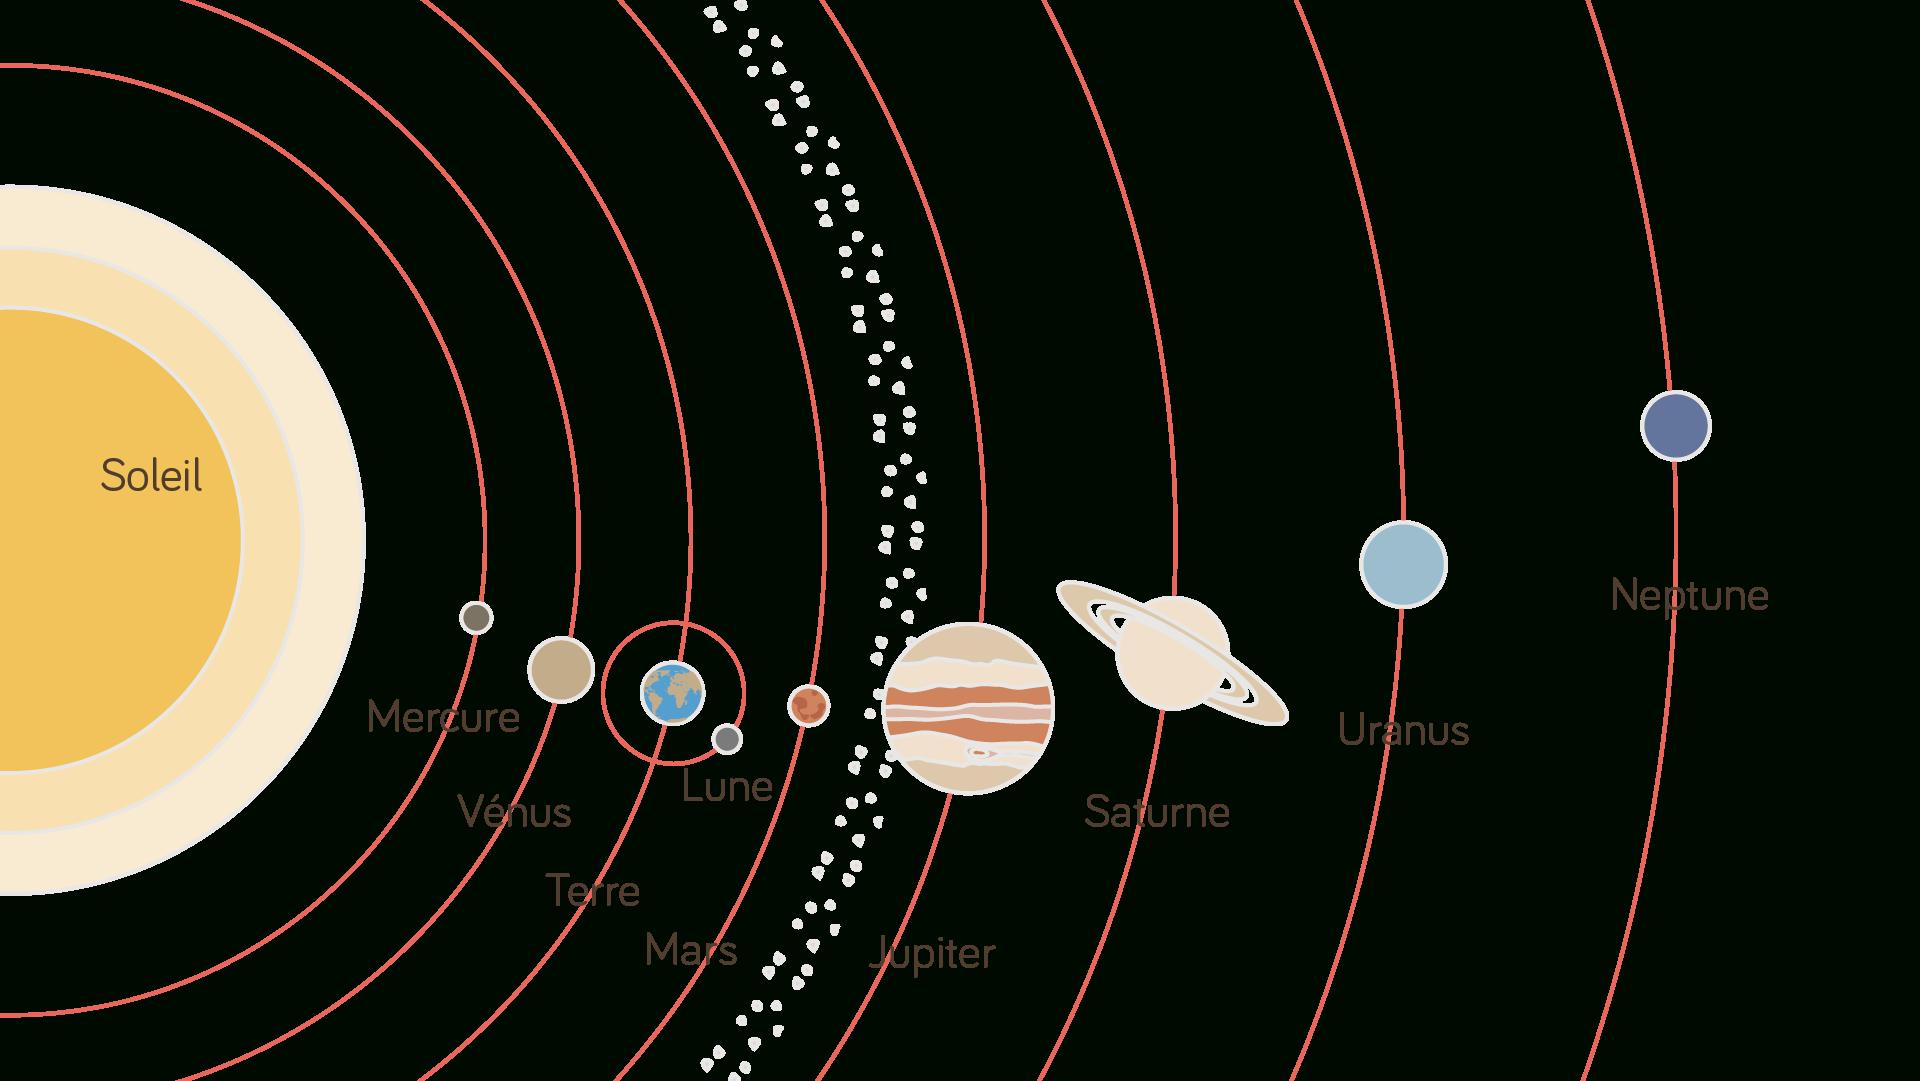 La Terre, Une Planète Qui Abrite La Vie : Fiche De Cours dedans Dessin Du Système Solaire